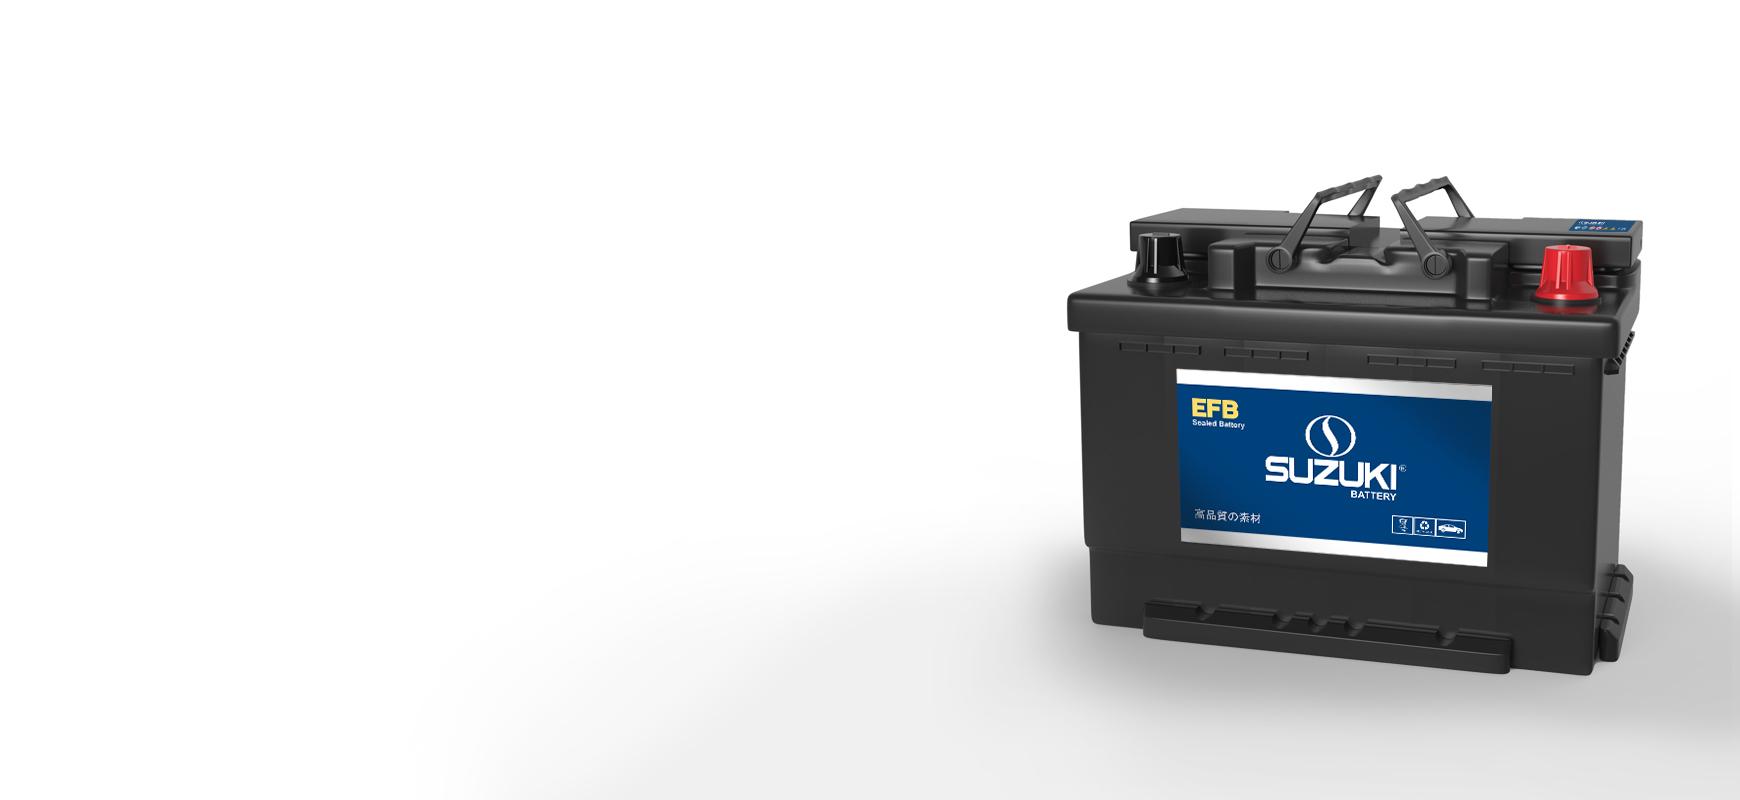 Suzuki EFB starter battery